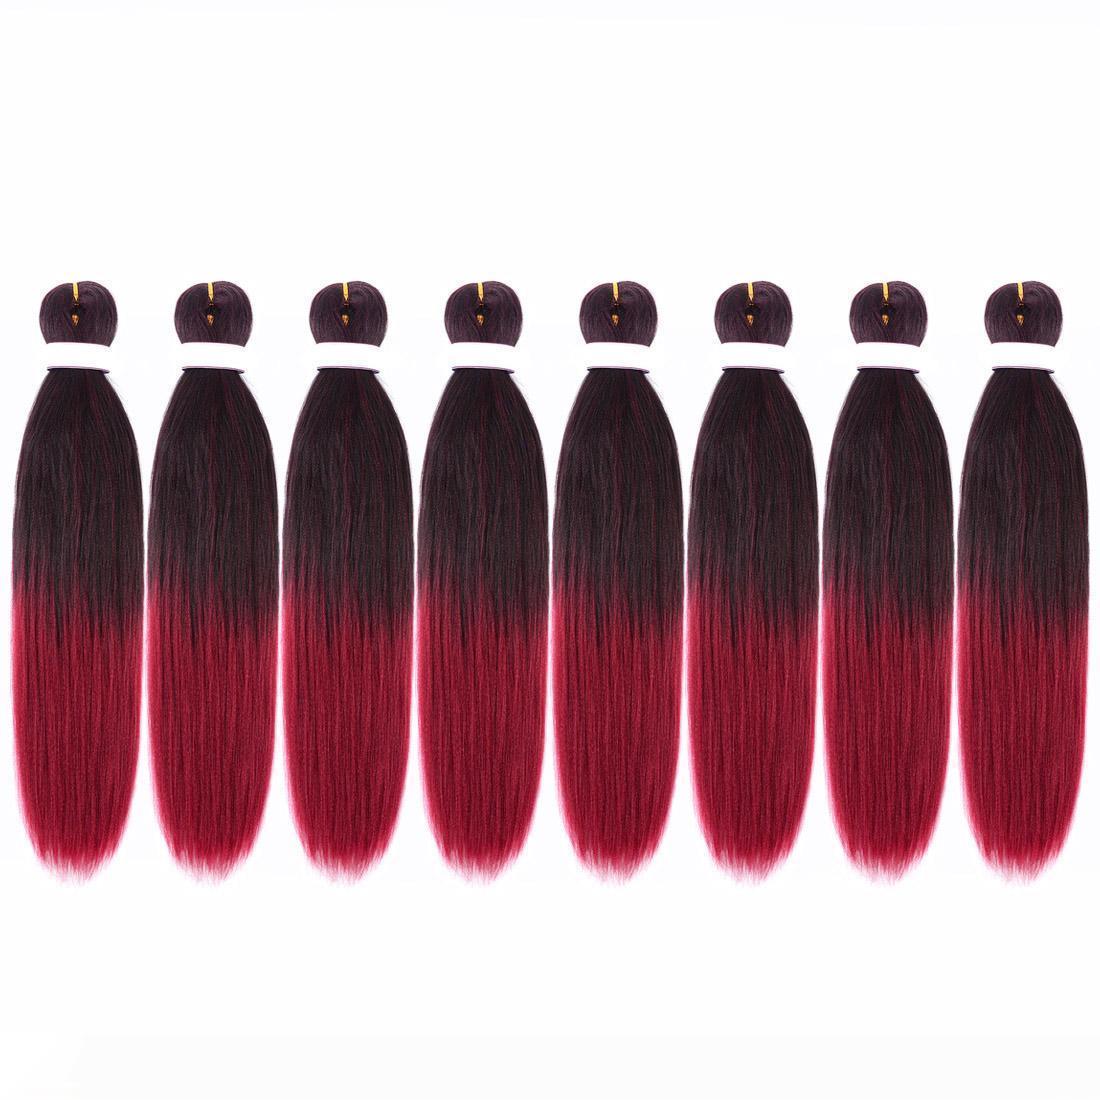 Tresser cheveux Pre Etendu EZ Braid basse température fibres synthétiques Extension de cheveux Crochet Tresses professionnelle Itch sans torsion Braid